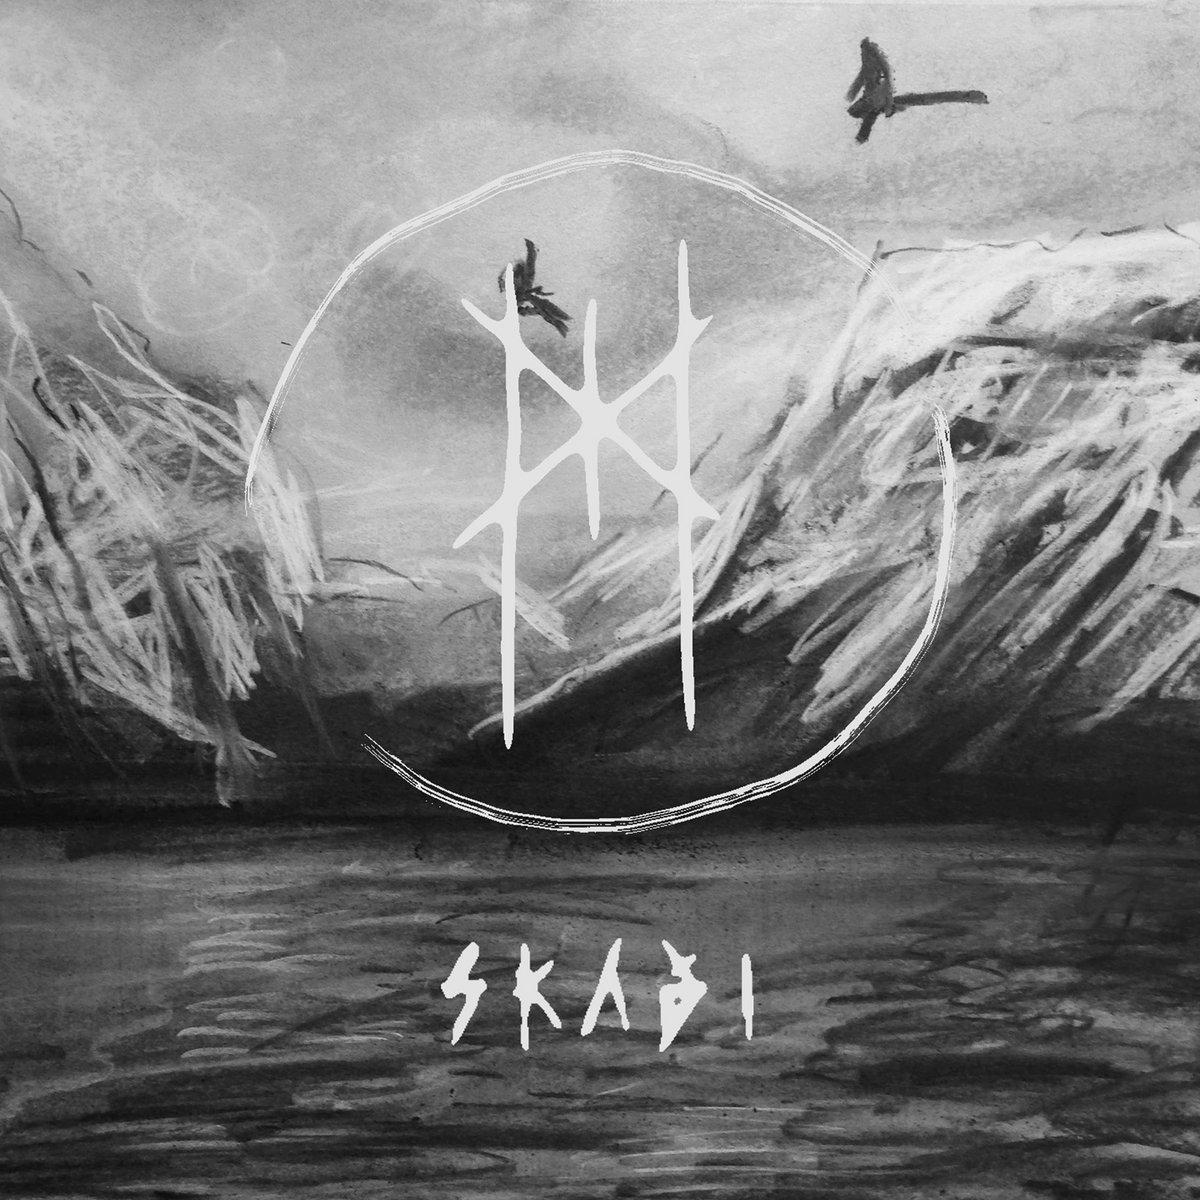 Myrkur - Skaði (Demo 2014)